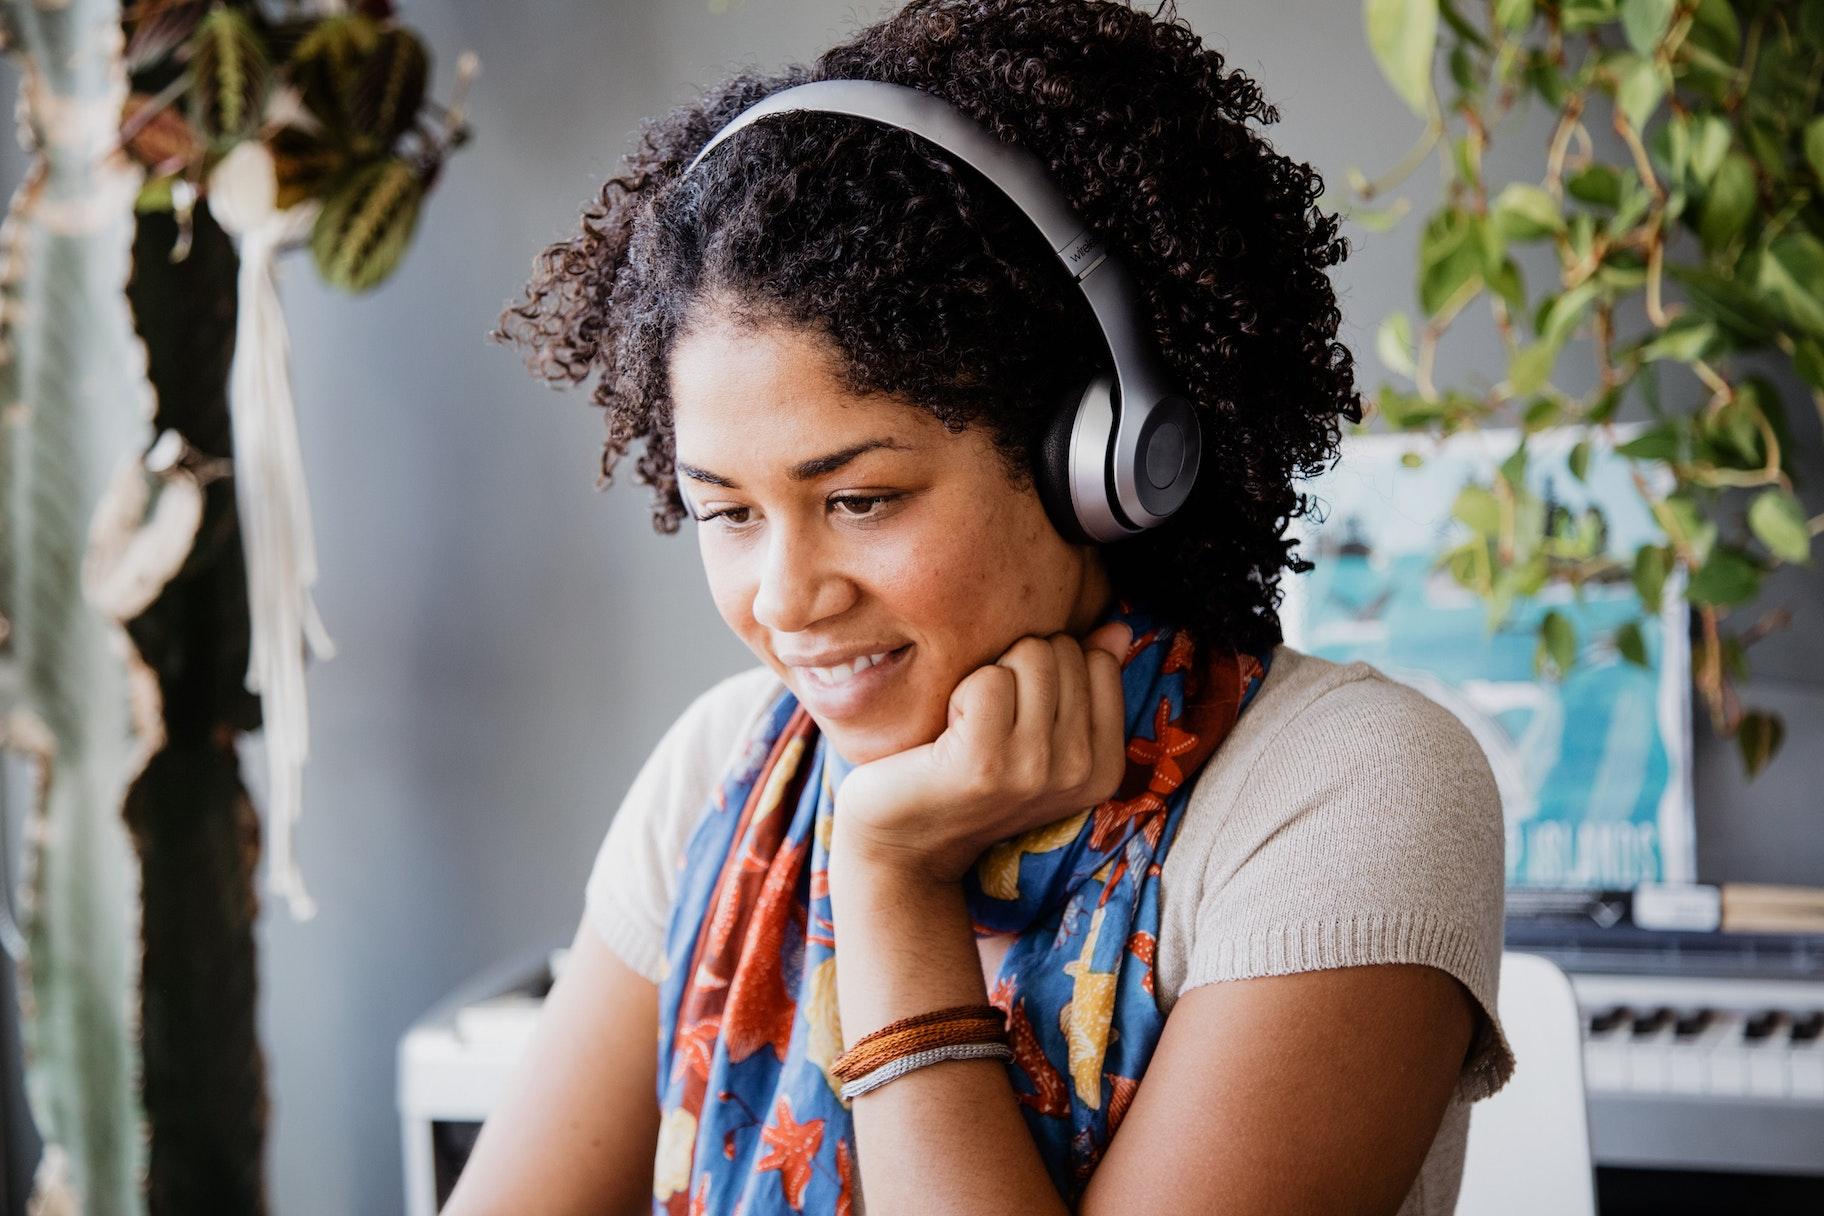 Guadagnare da casa: trascrizione audio